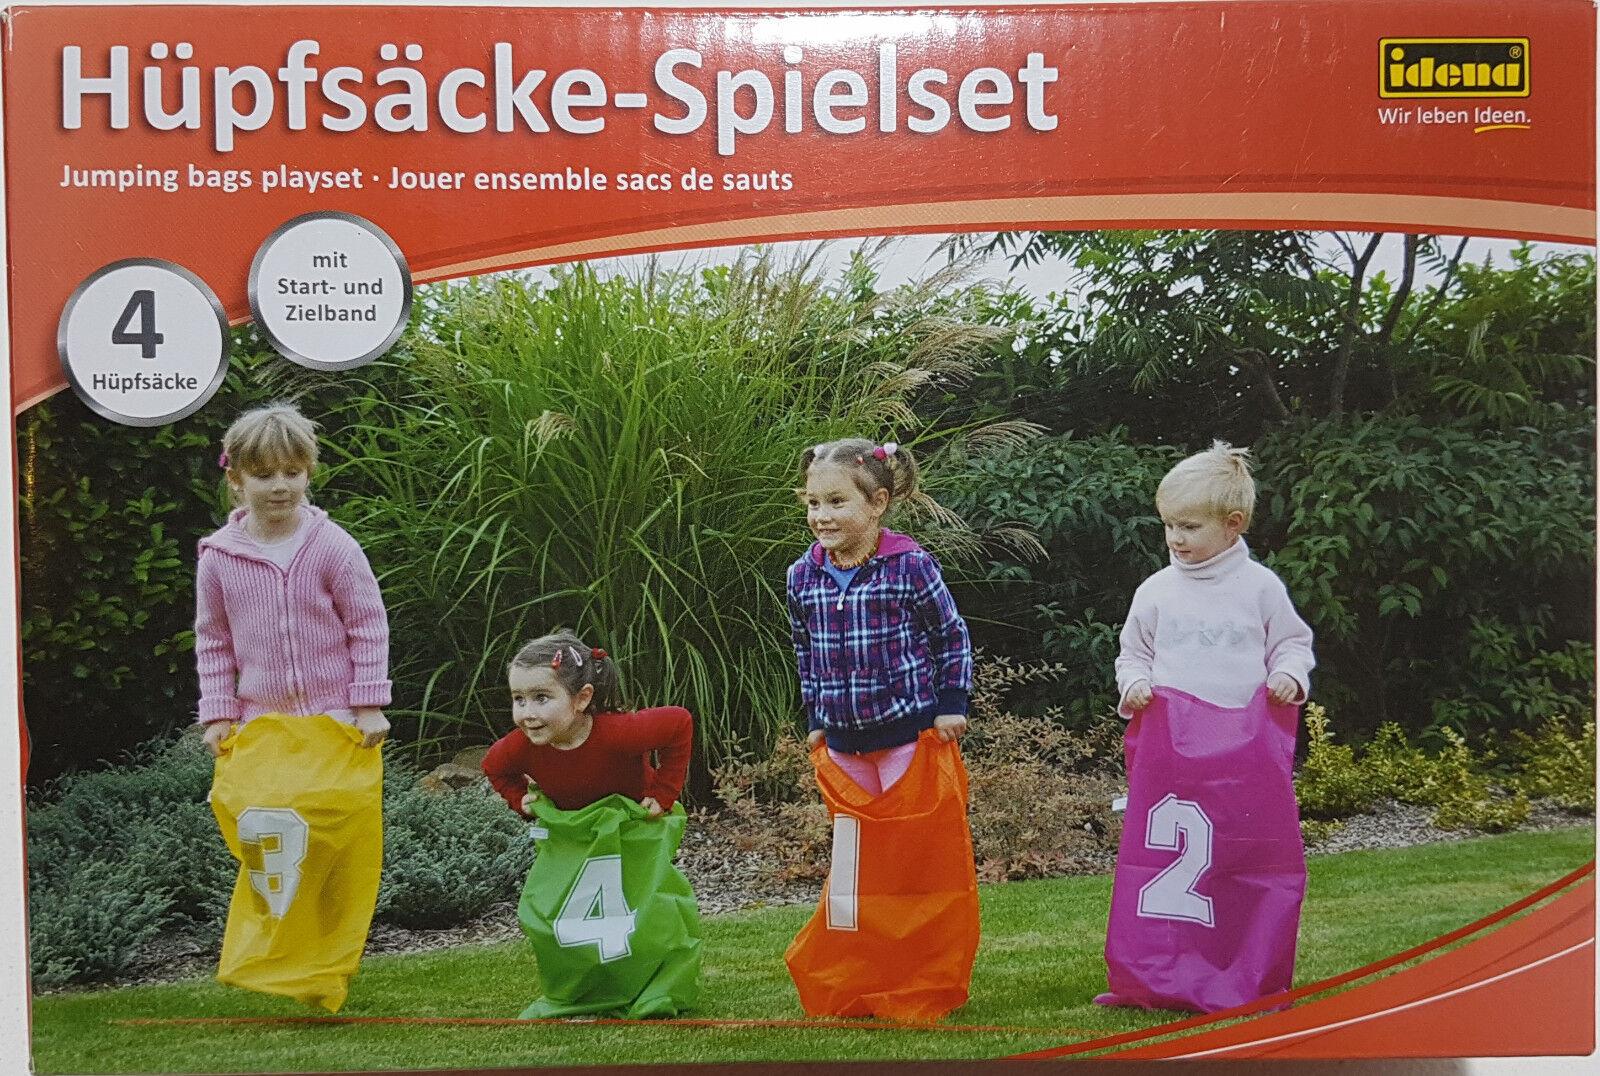 Hüpfsäcke Spieleset Hüpfsack  4 Hüpfsäcke Outdoor Indoor Kinderhüpfsack